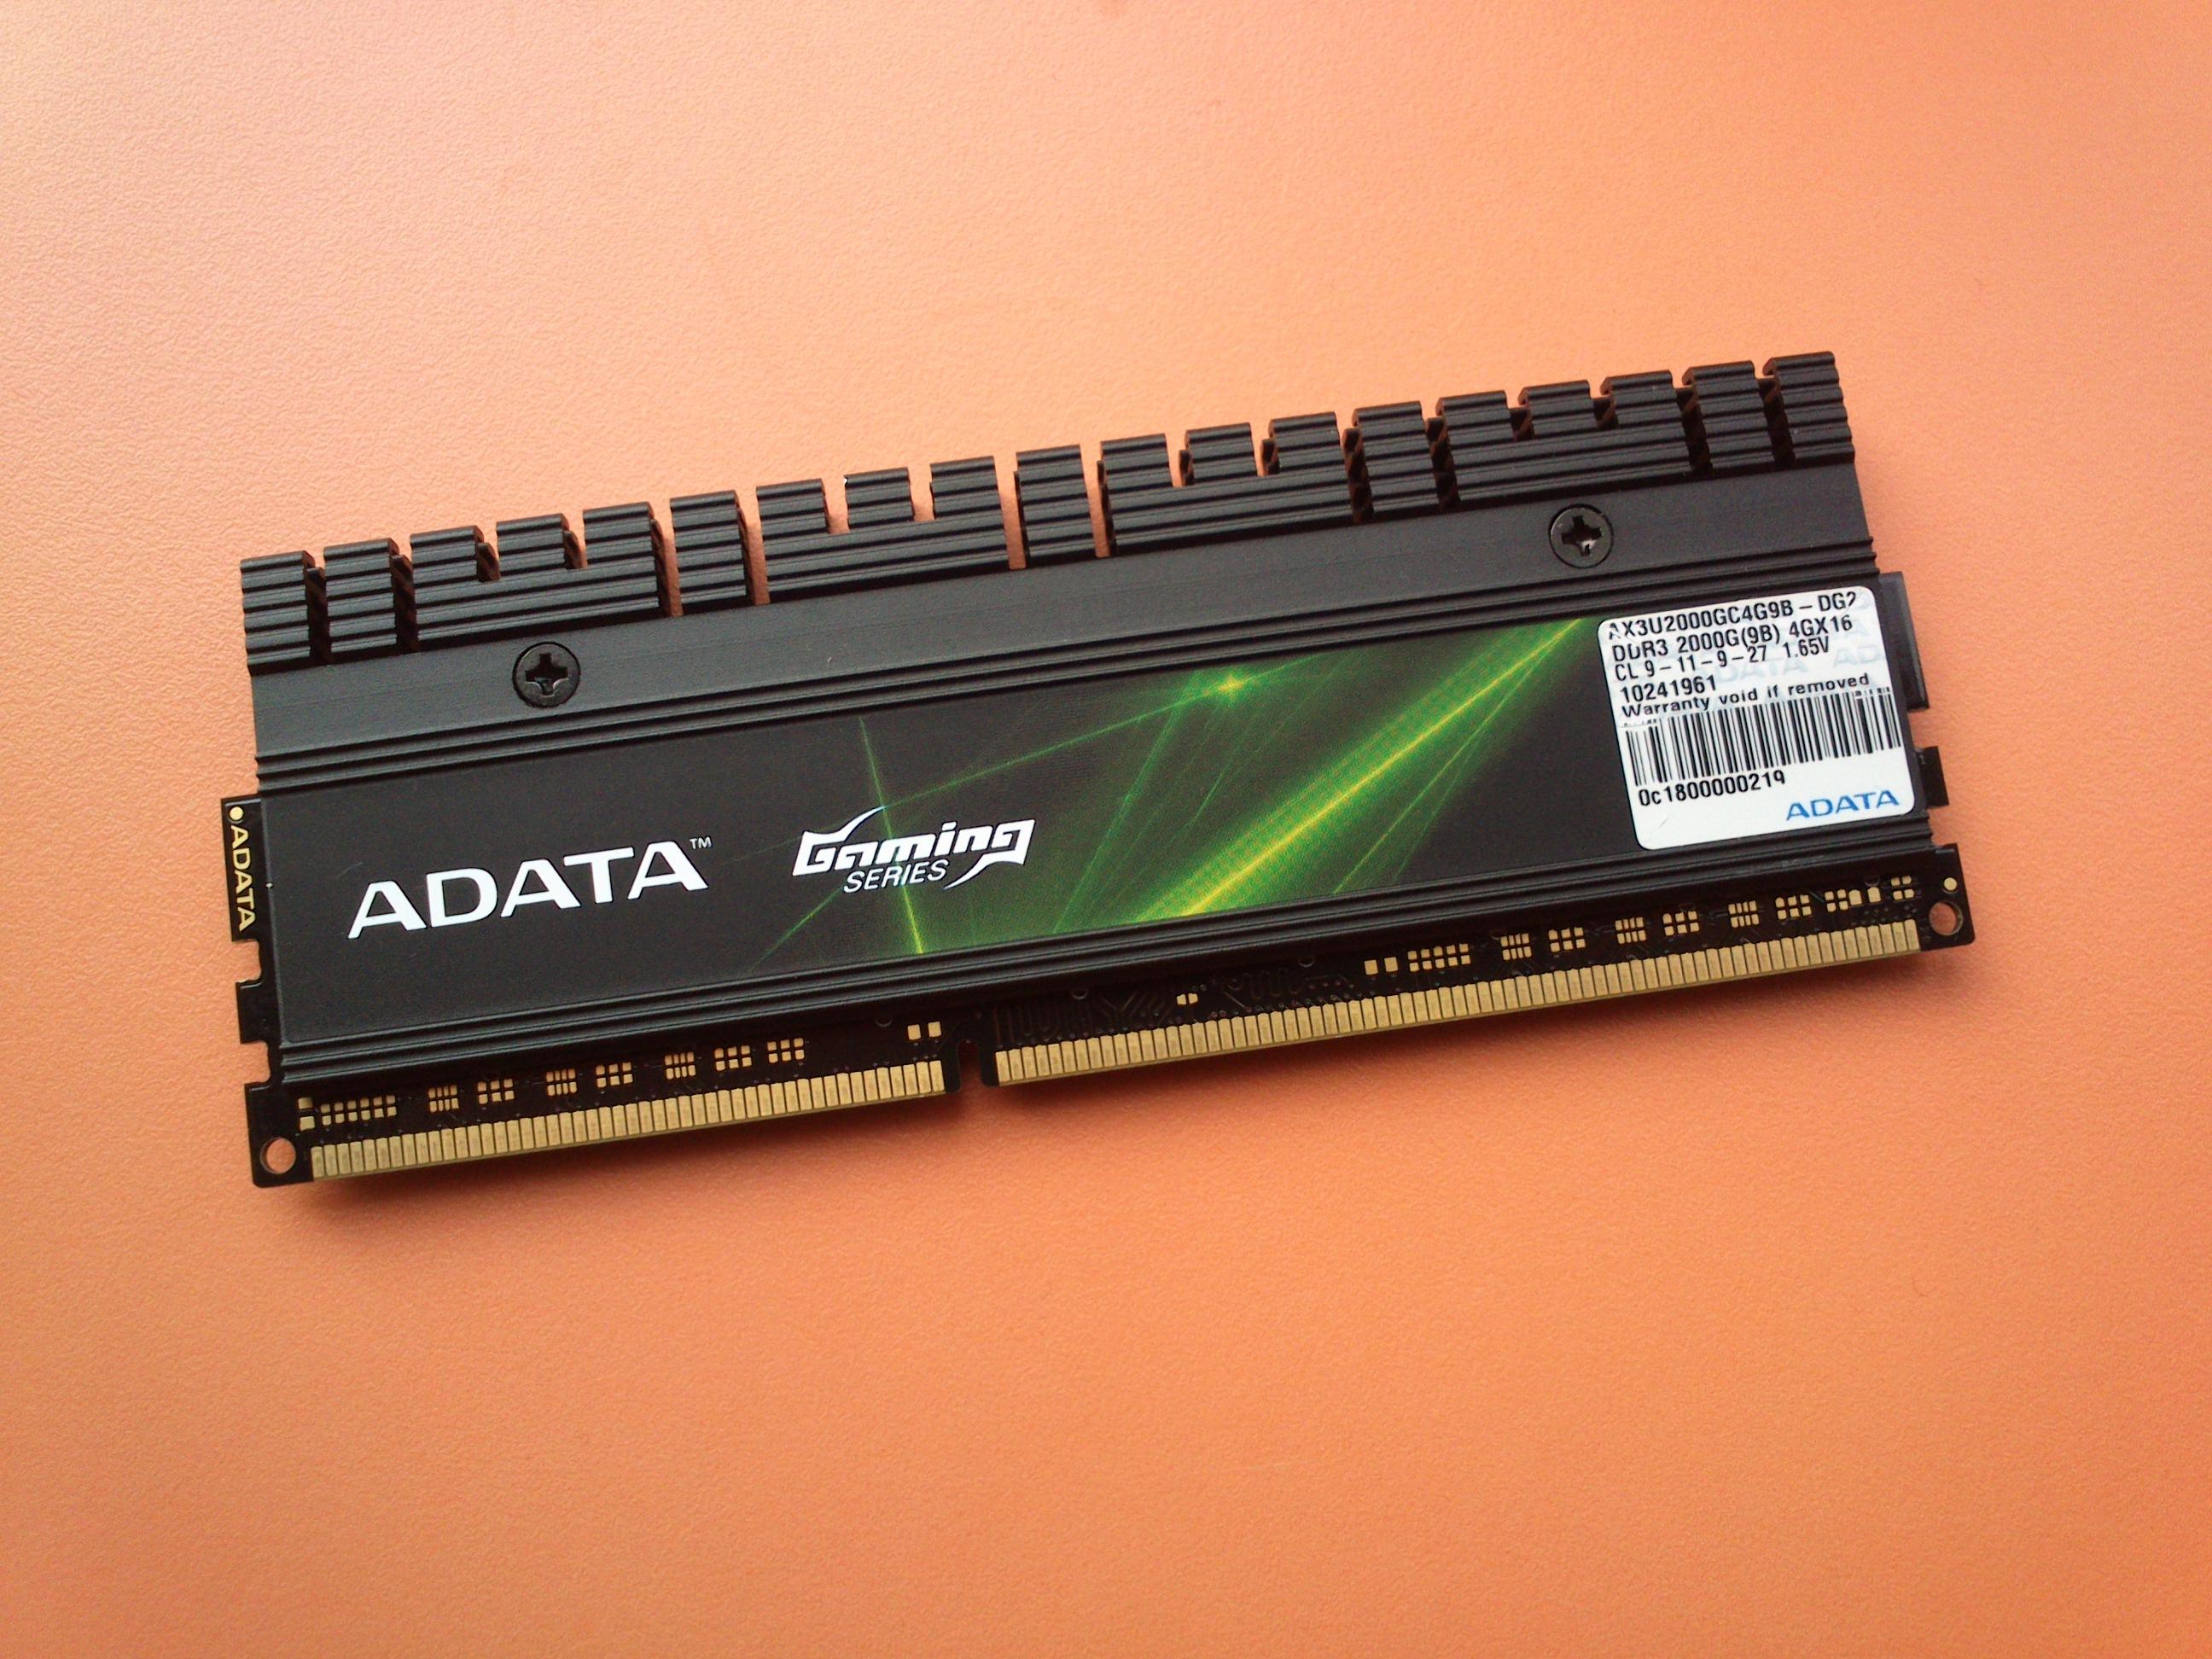 Оперативная память для старых компьютеров подорожает в полтора раза